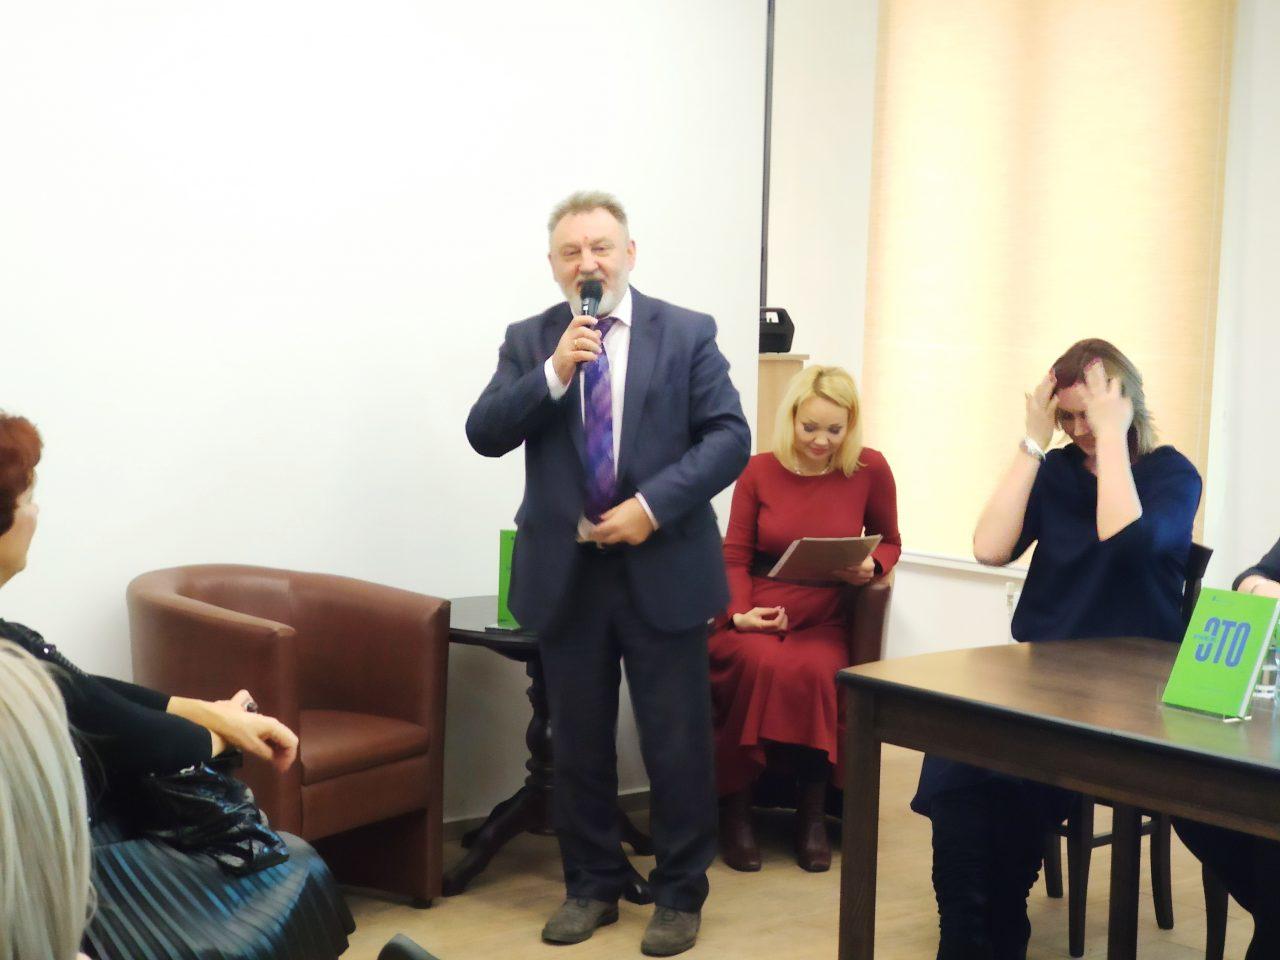 «После таких историй понимаешь: журналистике довольно сложно научить, ей можно только научиться». В Минске прошла презентация книги «Журналистика — это...» 18